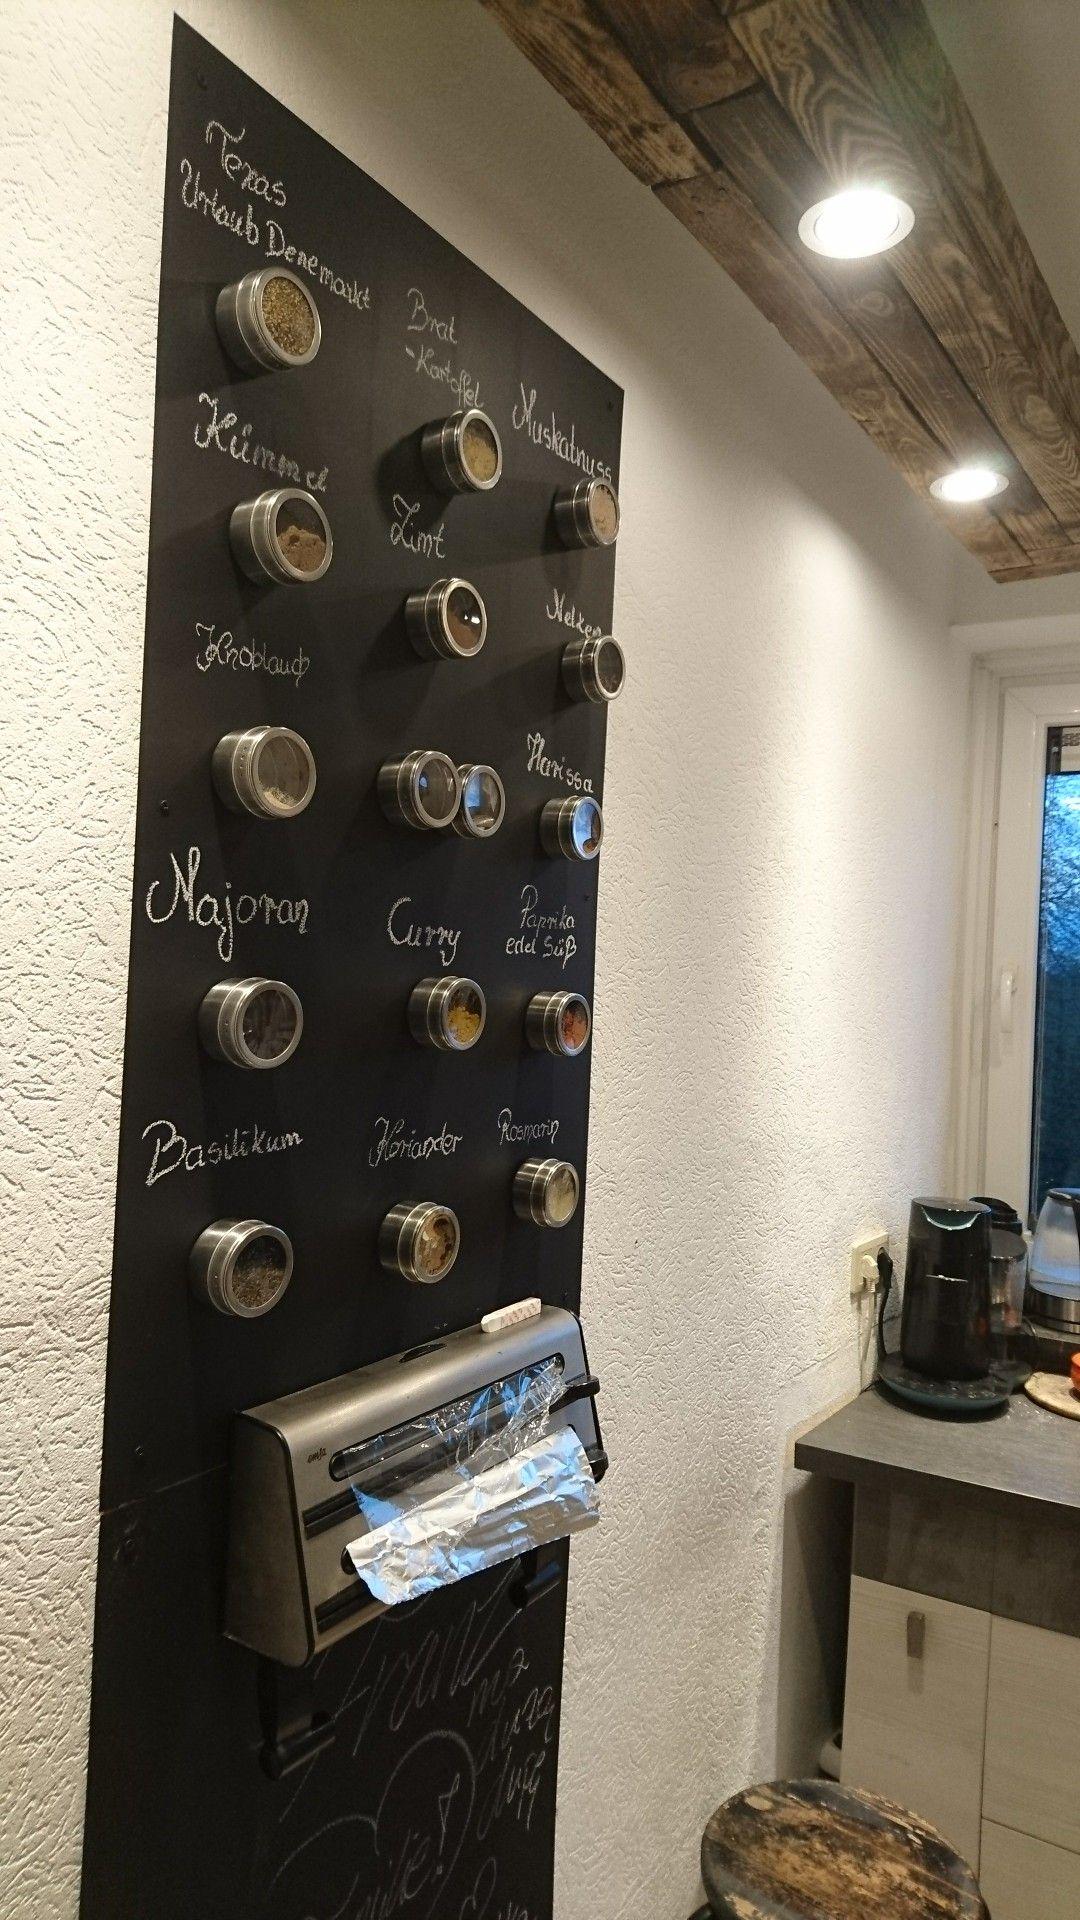 Full Size of Magnetische Kreidetafel Küche Magnet Tafel Gewrz Wand Mit Bildern Kche Läufer Alno Sprüche Für Die Laminat Arbeitsplatte Wandtattoos Deckenleuchten Lampen Wohnzimmer Magnetische Kreidetafel Küche